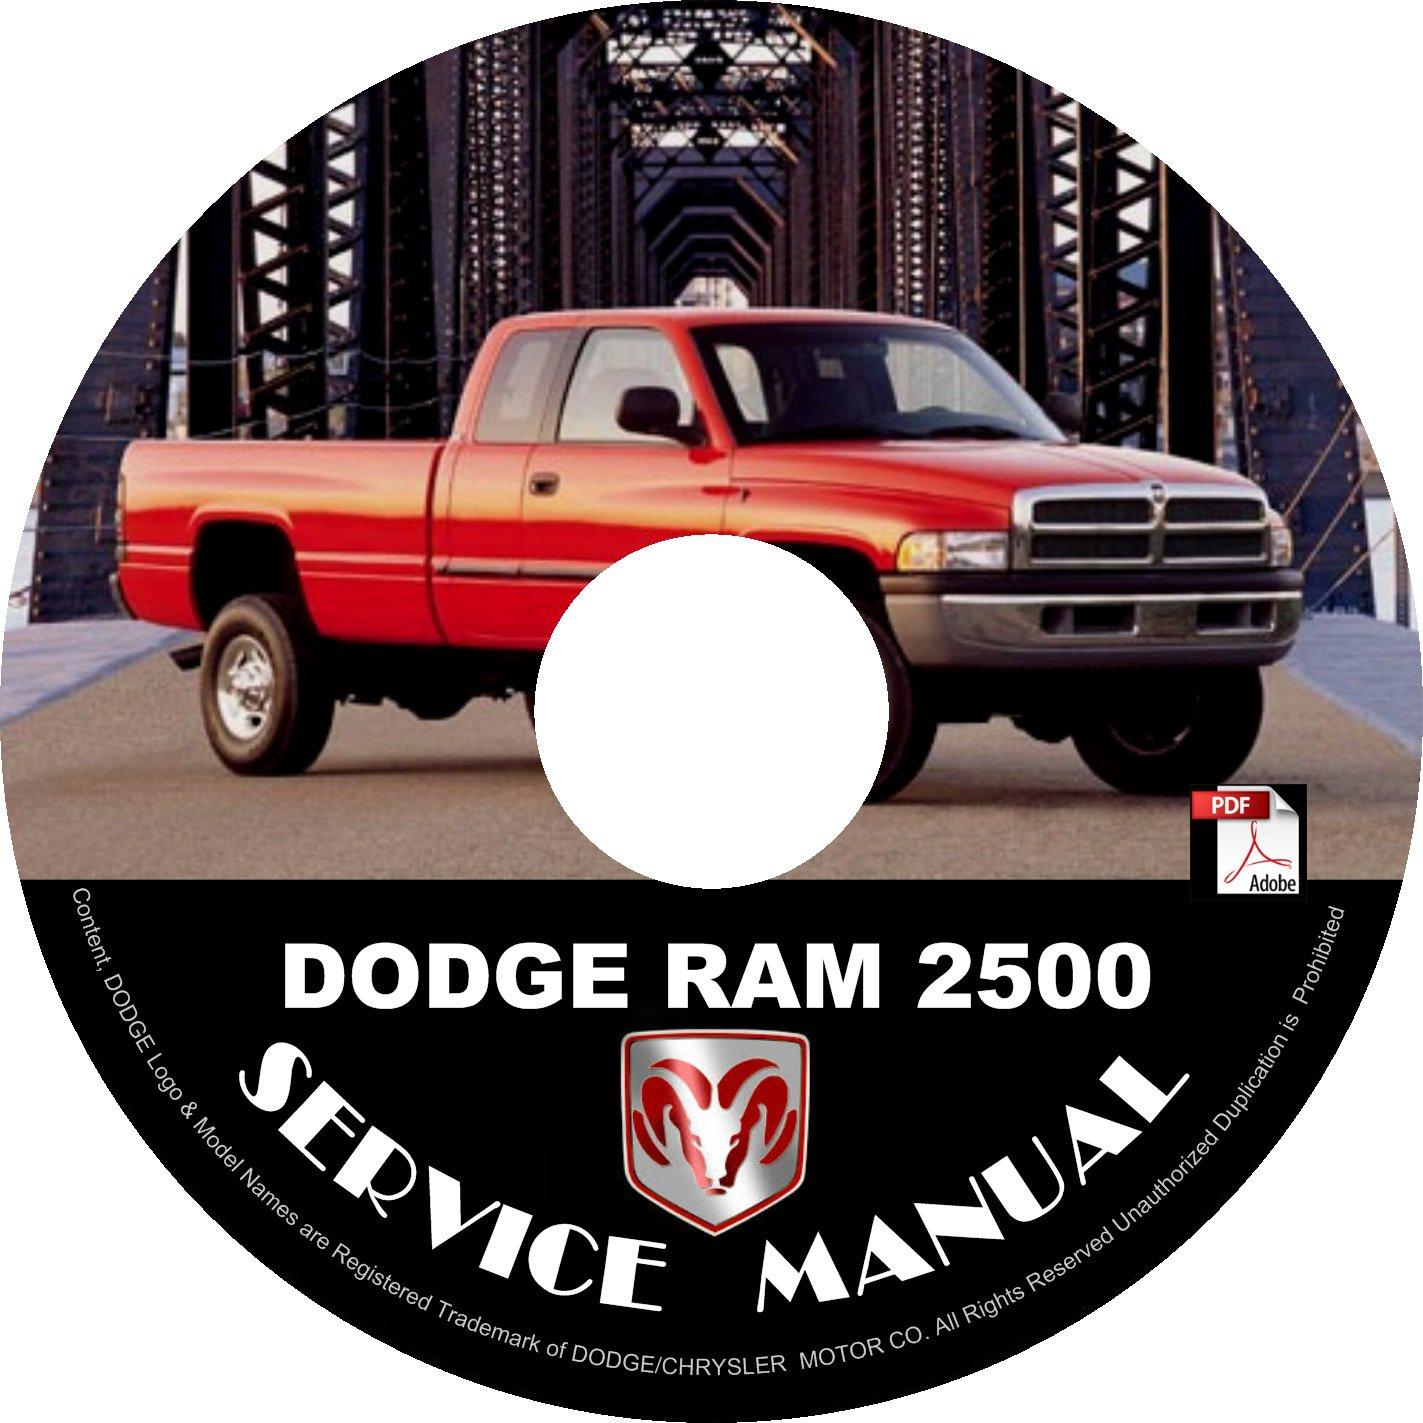 1995 Dodge RAM 2500 Factory Service Repair Shop Manual on CD Fix Repair Rebuilt